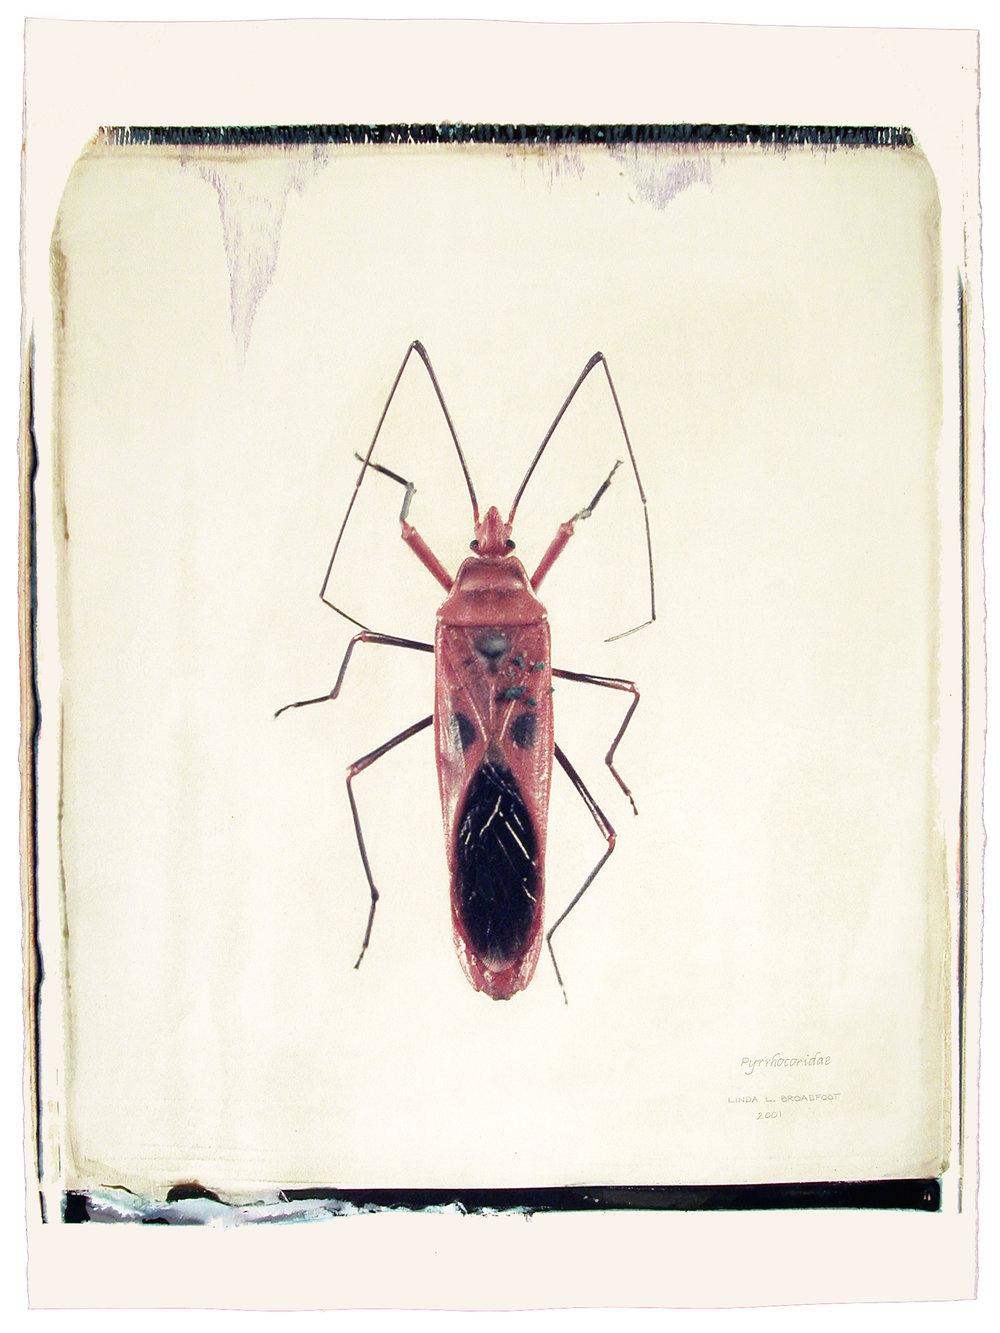 Pyrrhocoridae , 2001